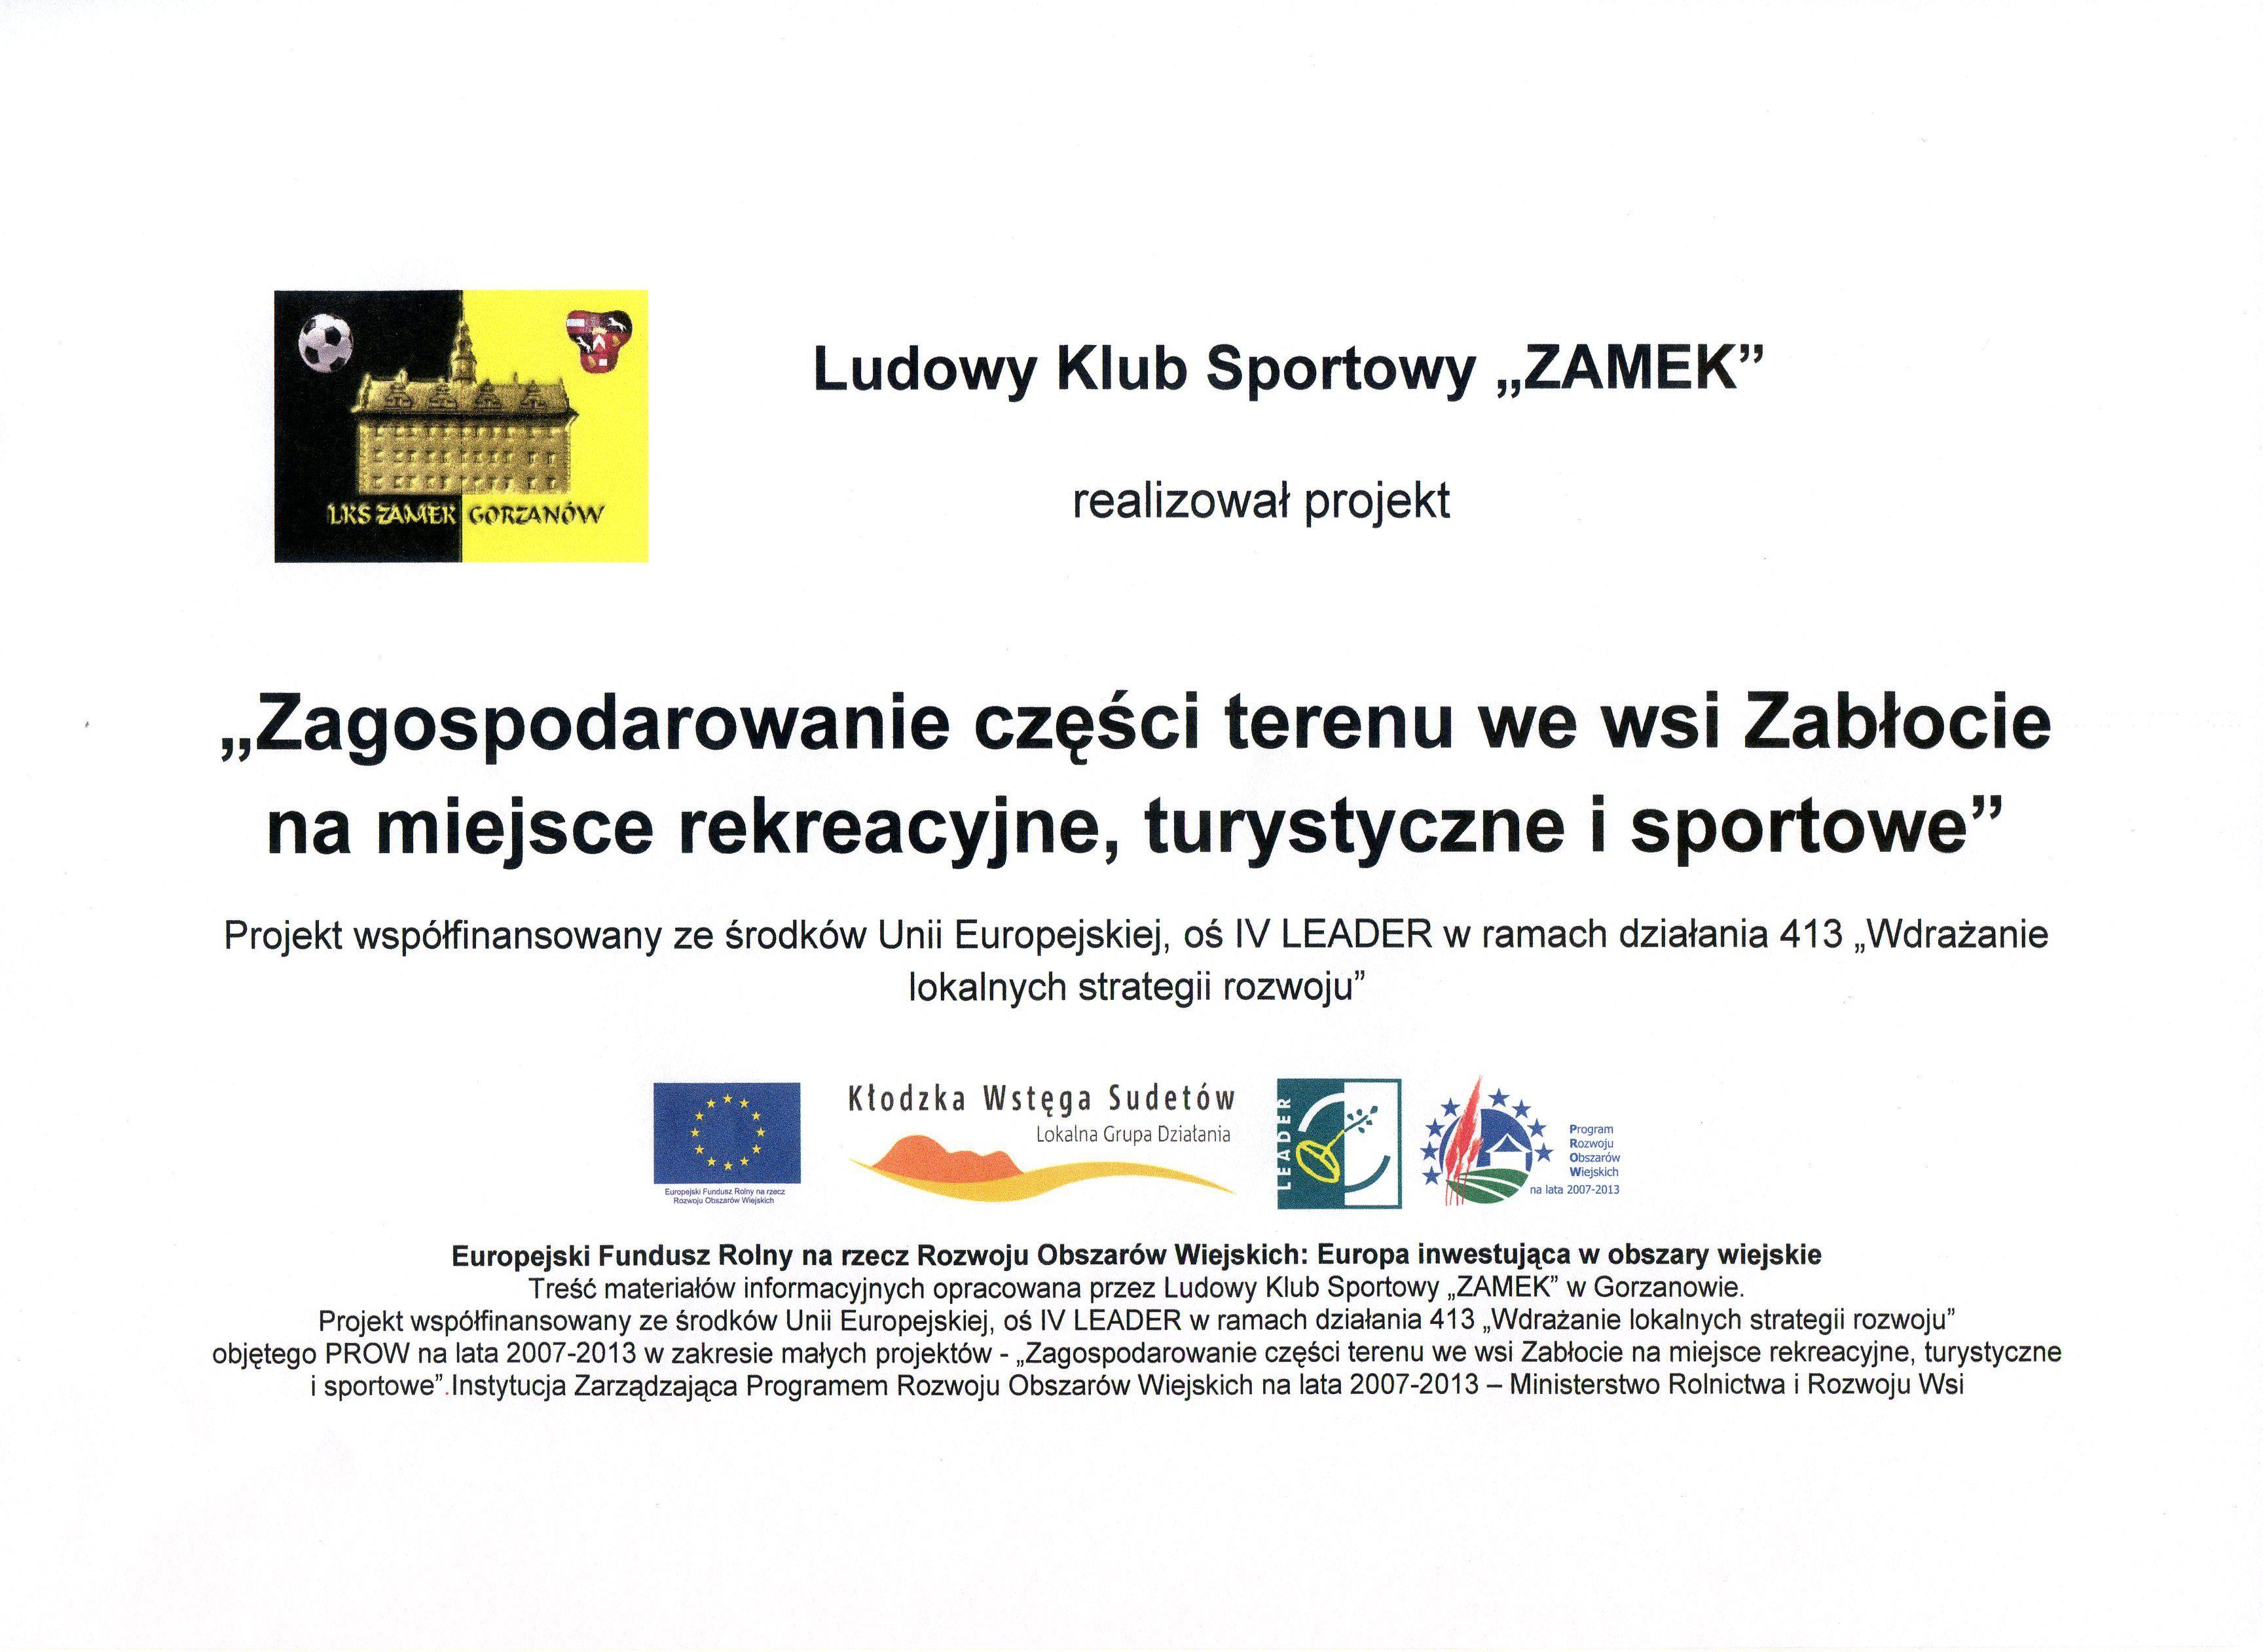 Tablica LKS_Zagospodarowanie częsci terenu_w Zablociu